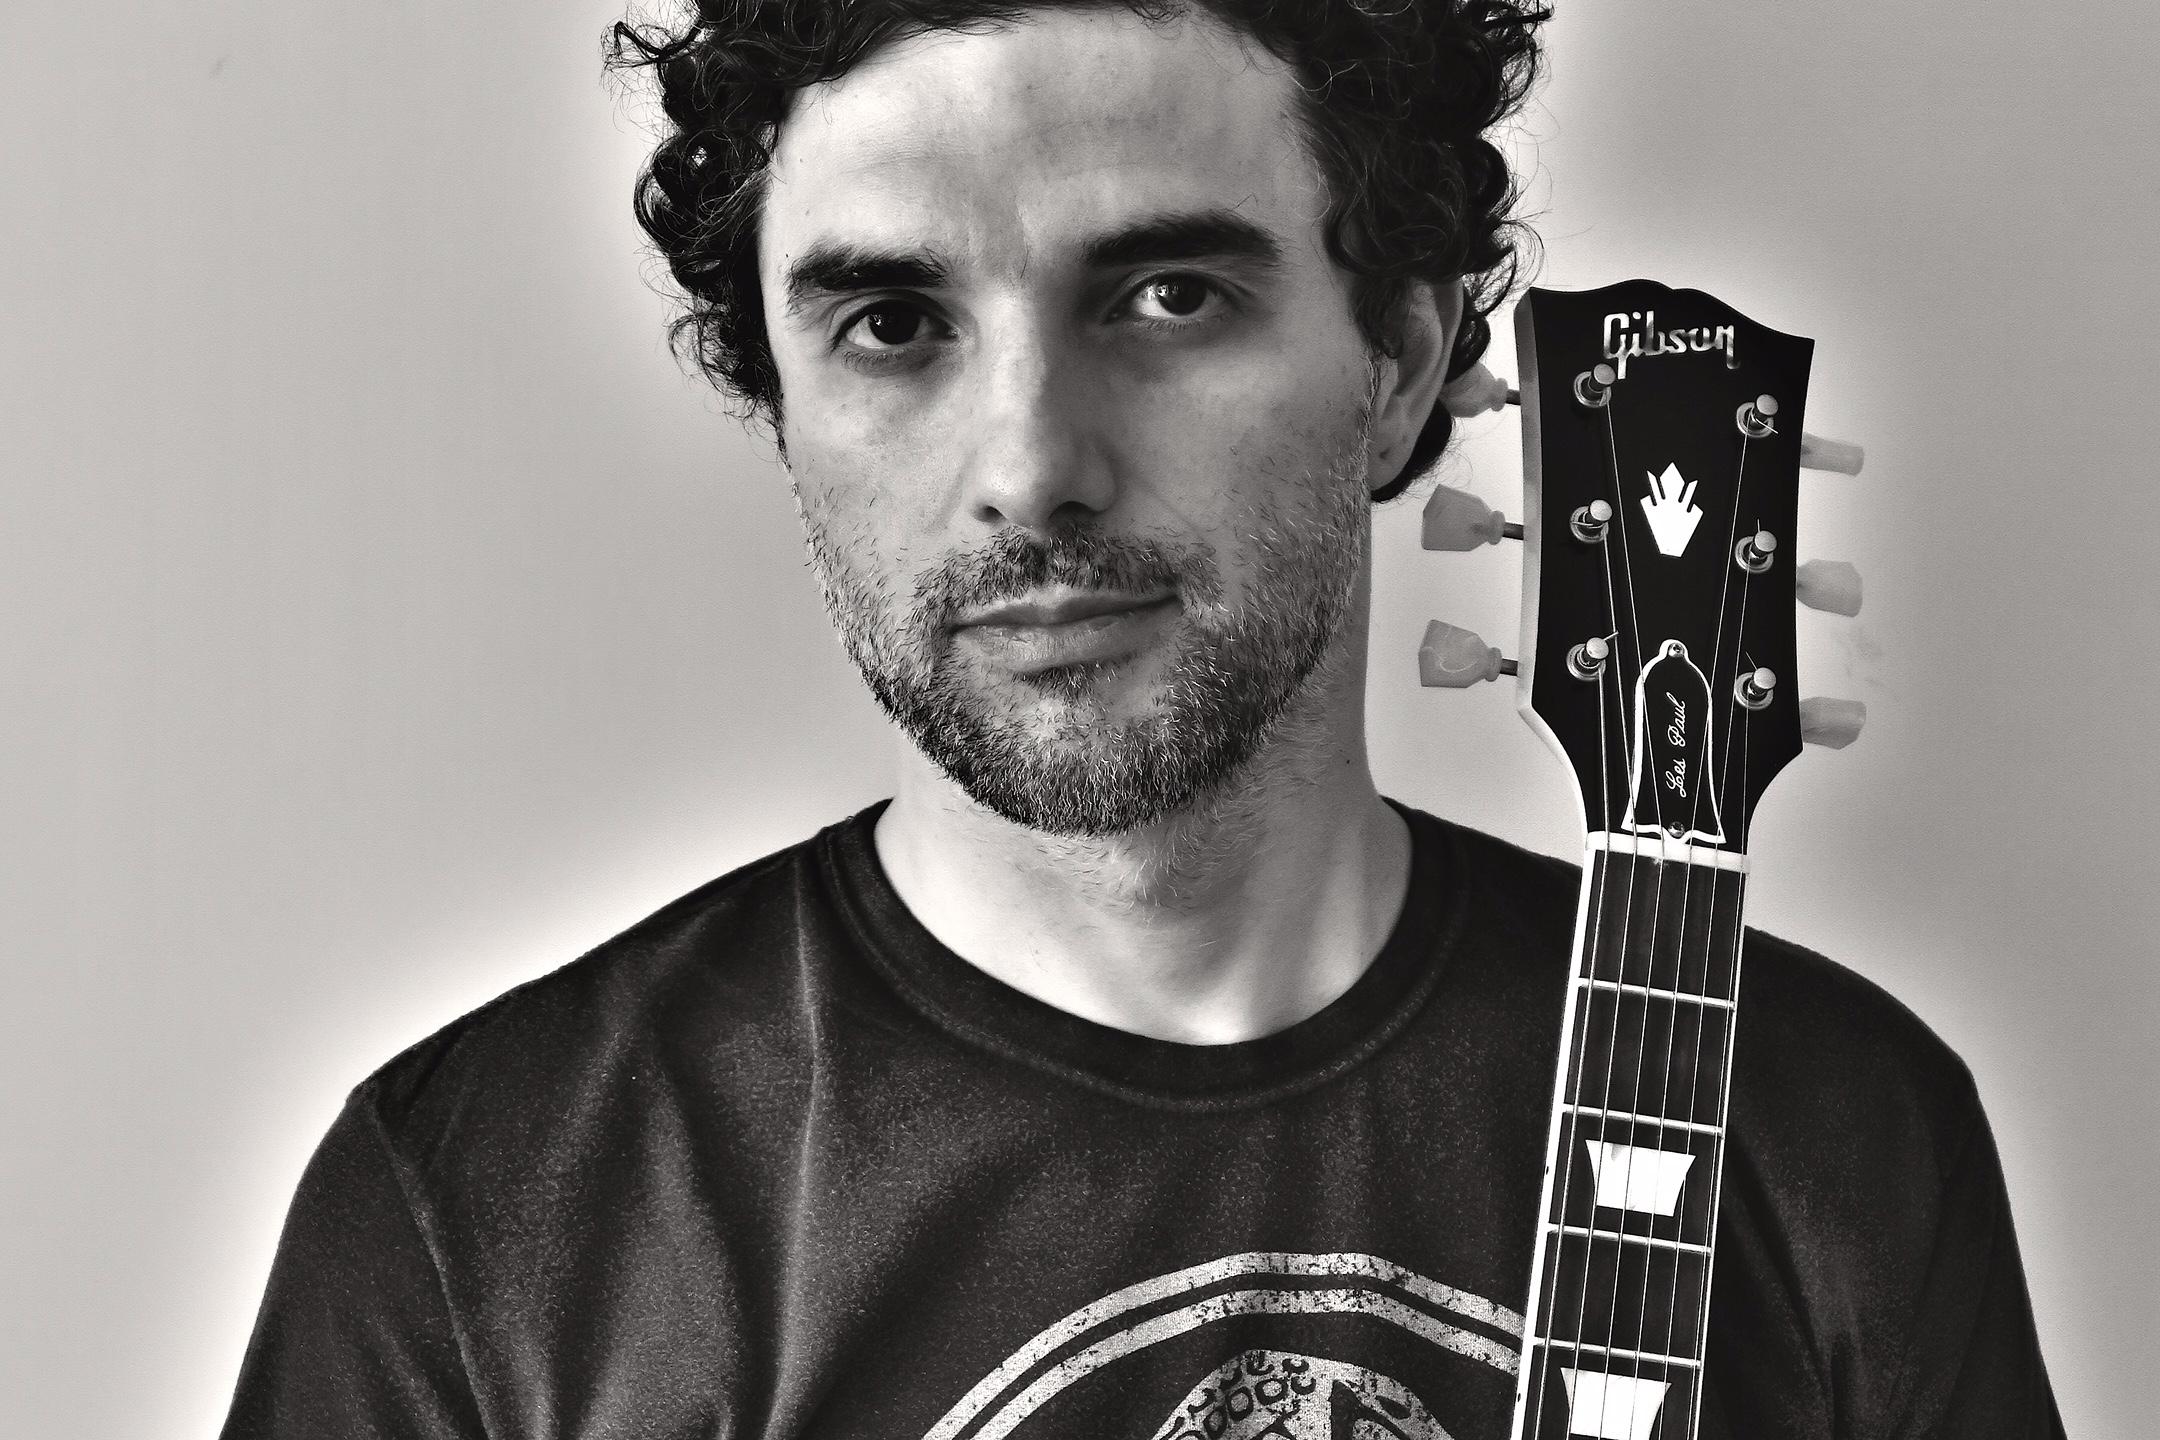 Davi Moraes chamou Paulinho Boca, Gerônimo, Luedji Luna e a banda Gilsons para cantar os hits de Moraes com ele